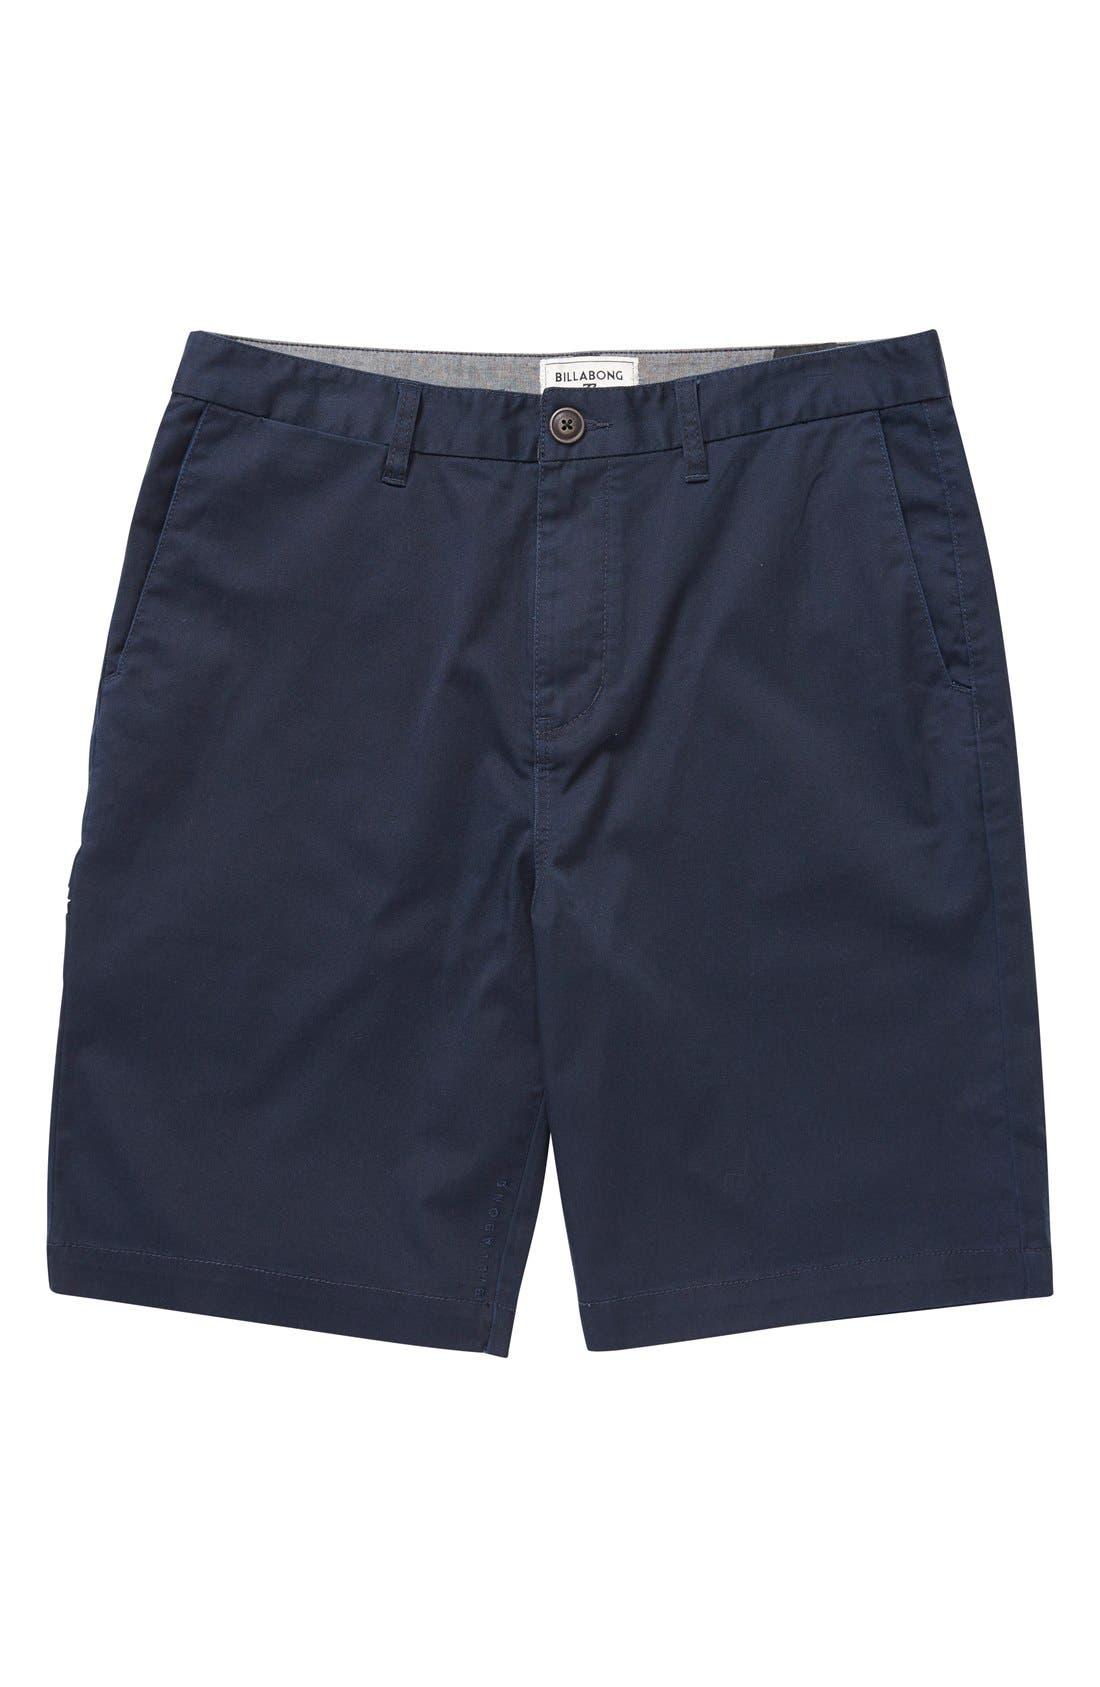 BILLABONG 'Carter' Cotton Twill Shorts